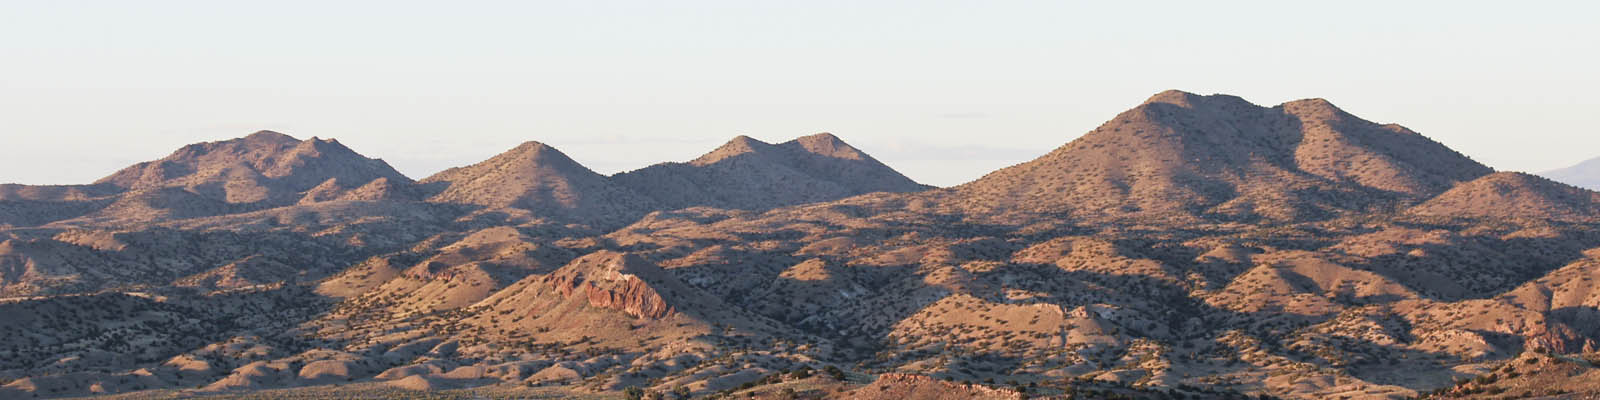 Cerrillos Hills